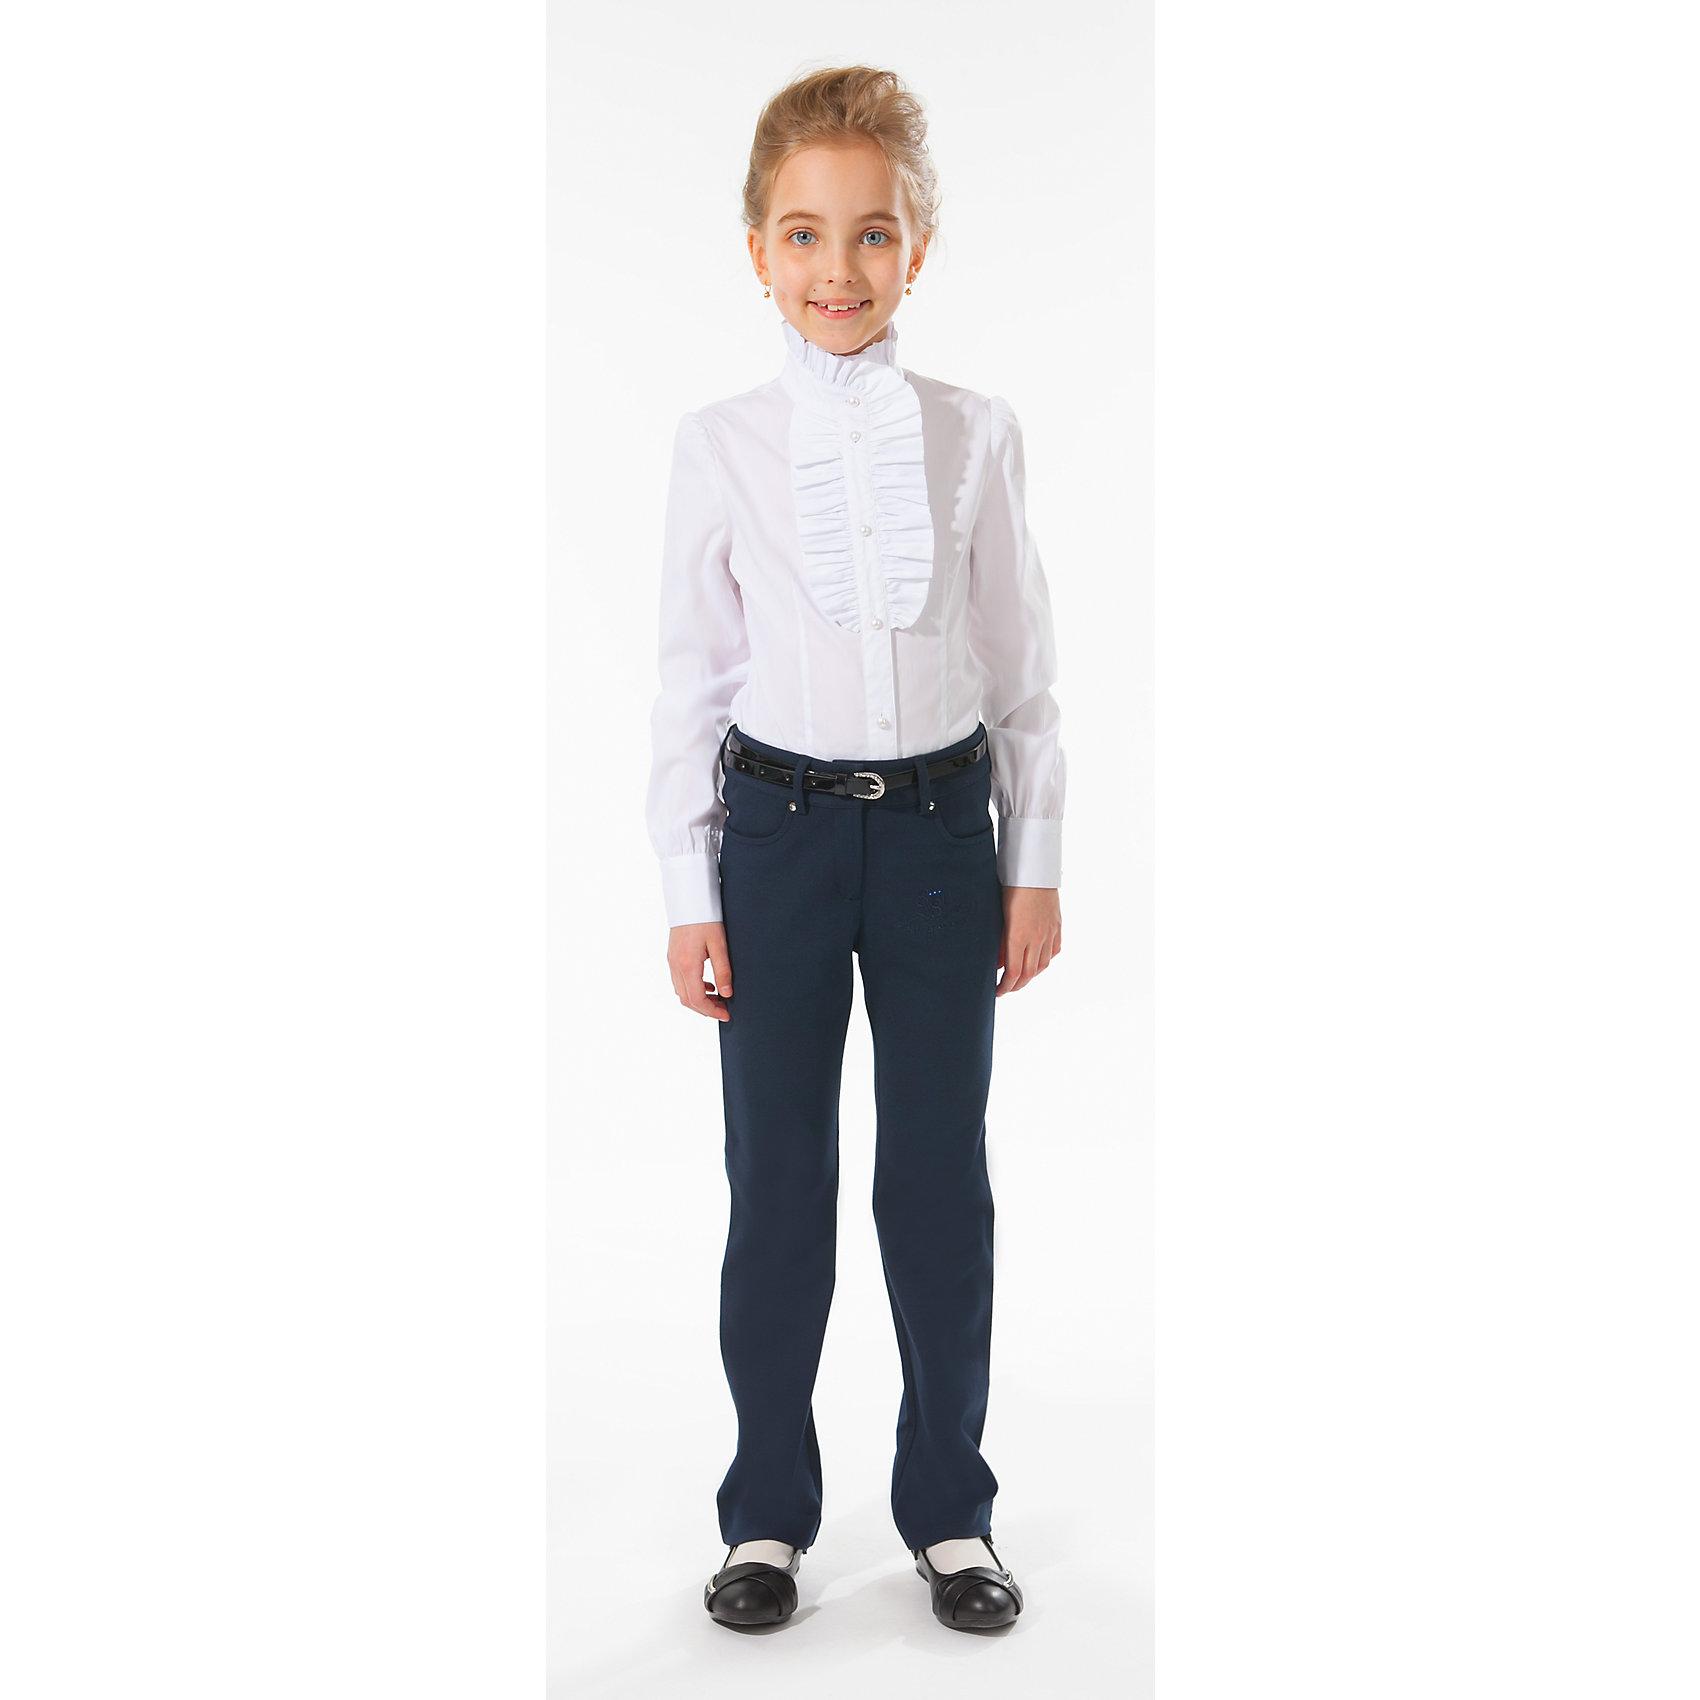 Блузка для девочки Silver SpoonБлузки и рубашки<br>Блузка для девочки Silver Spoon (Сильвер Спун) - отличный вариант для маленьких школьниц. Симпатичная модная блузка позволит создать свой оригинальный образ и чувствовать себя комфортно на протяжении всего дня занятий. Модель из хлопка очень легкая и приятная на ощупь, не сковывает движений, не раздражает кожу и позволяет ей дышать. У блузки приталенный силуэт, длинные рукава, воротник-стойка с красивой оборочкой, спереди застегивается на пуговички-жемчужинки. Модель декорирована на груди нарядной вставкой с рюшами. Классический покрой позволяет использовать блузку в различных сочетаниях - с юбкой, брюками, костюмом и другими вещами школьного гардероба. Все модели Сильвер Спун предназначены для повседневного интенсивного использования и выполнены из прочных тканей, которые позволяют вещам выглядеть великолепно на протяжении длительного срока эксплуатации. Стирка при температуре 30°С, гладить при температуре до 150°С.<br><br>Дополнительная информация:<br><br>- Цвет: белый.<br>- Материал: 71% хлопок, 25% полиамид, 4% спандекс.<br><br>Блузку для девочки, Silver Spoon (Сильвер Спун), можно купить в нашем интернет-магазине.<br><br>Ширина мм: 186<br>Глубина мм: 87<br>Высота мм: 198<br>Вес г: 197<br>Цвет: белый<br>Возраст от месяцев: 144<br>Возраст до месяцев: 156<br>Пол: Женский<br>Возраст: Детский<br>Размер: 158,152,140,128,146,134,164<br>SKU: 4145898